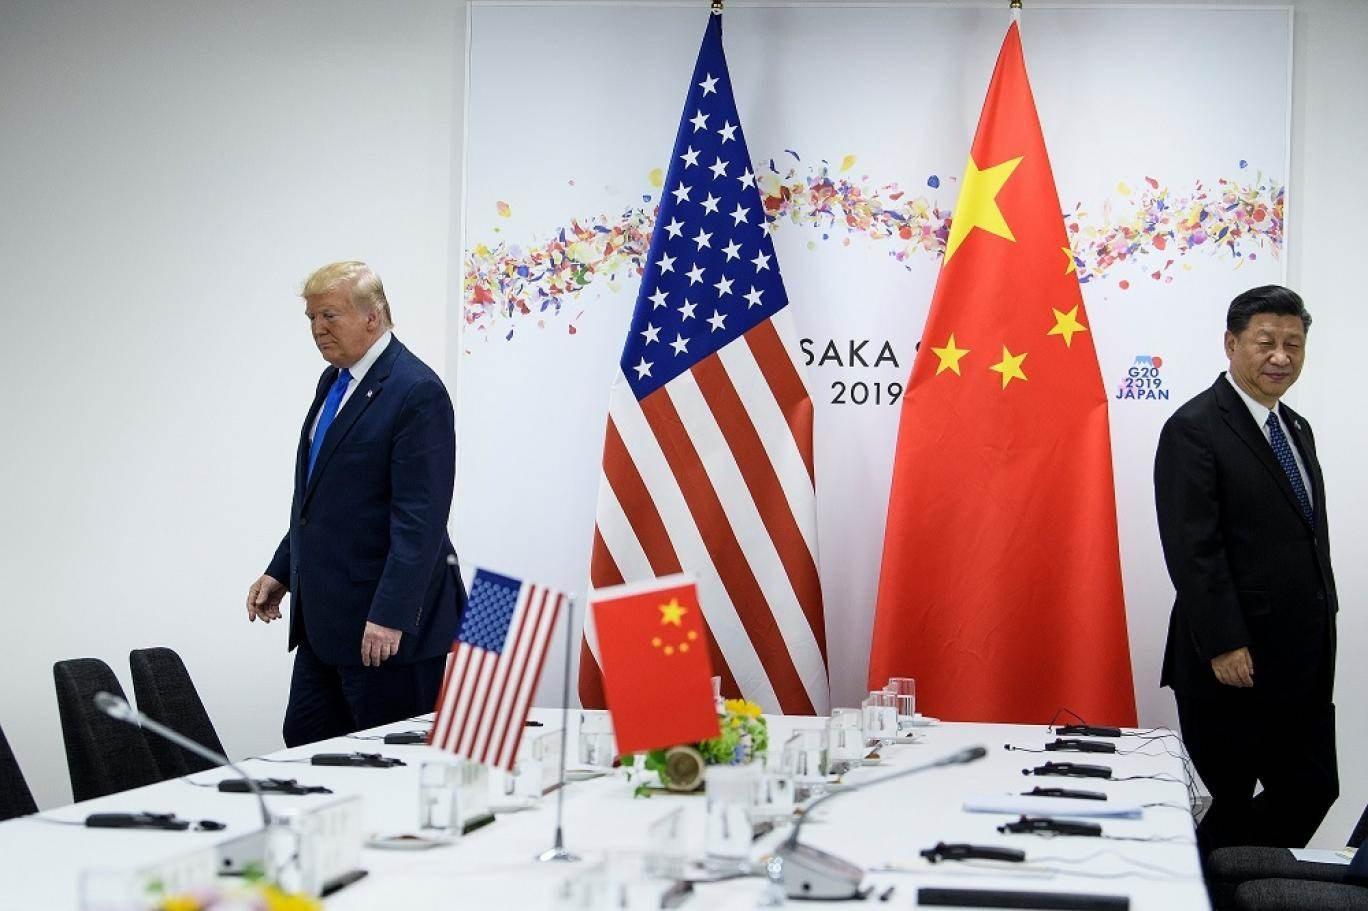 جاء الرد الصيني على العقوبات الأميركية رد قوي بنديته.. العقوبات على مسؤولين مقابل عقوبات على مسؤولين